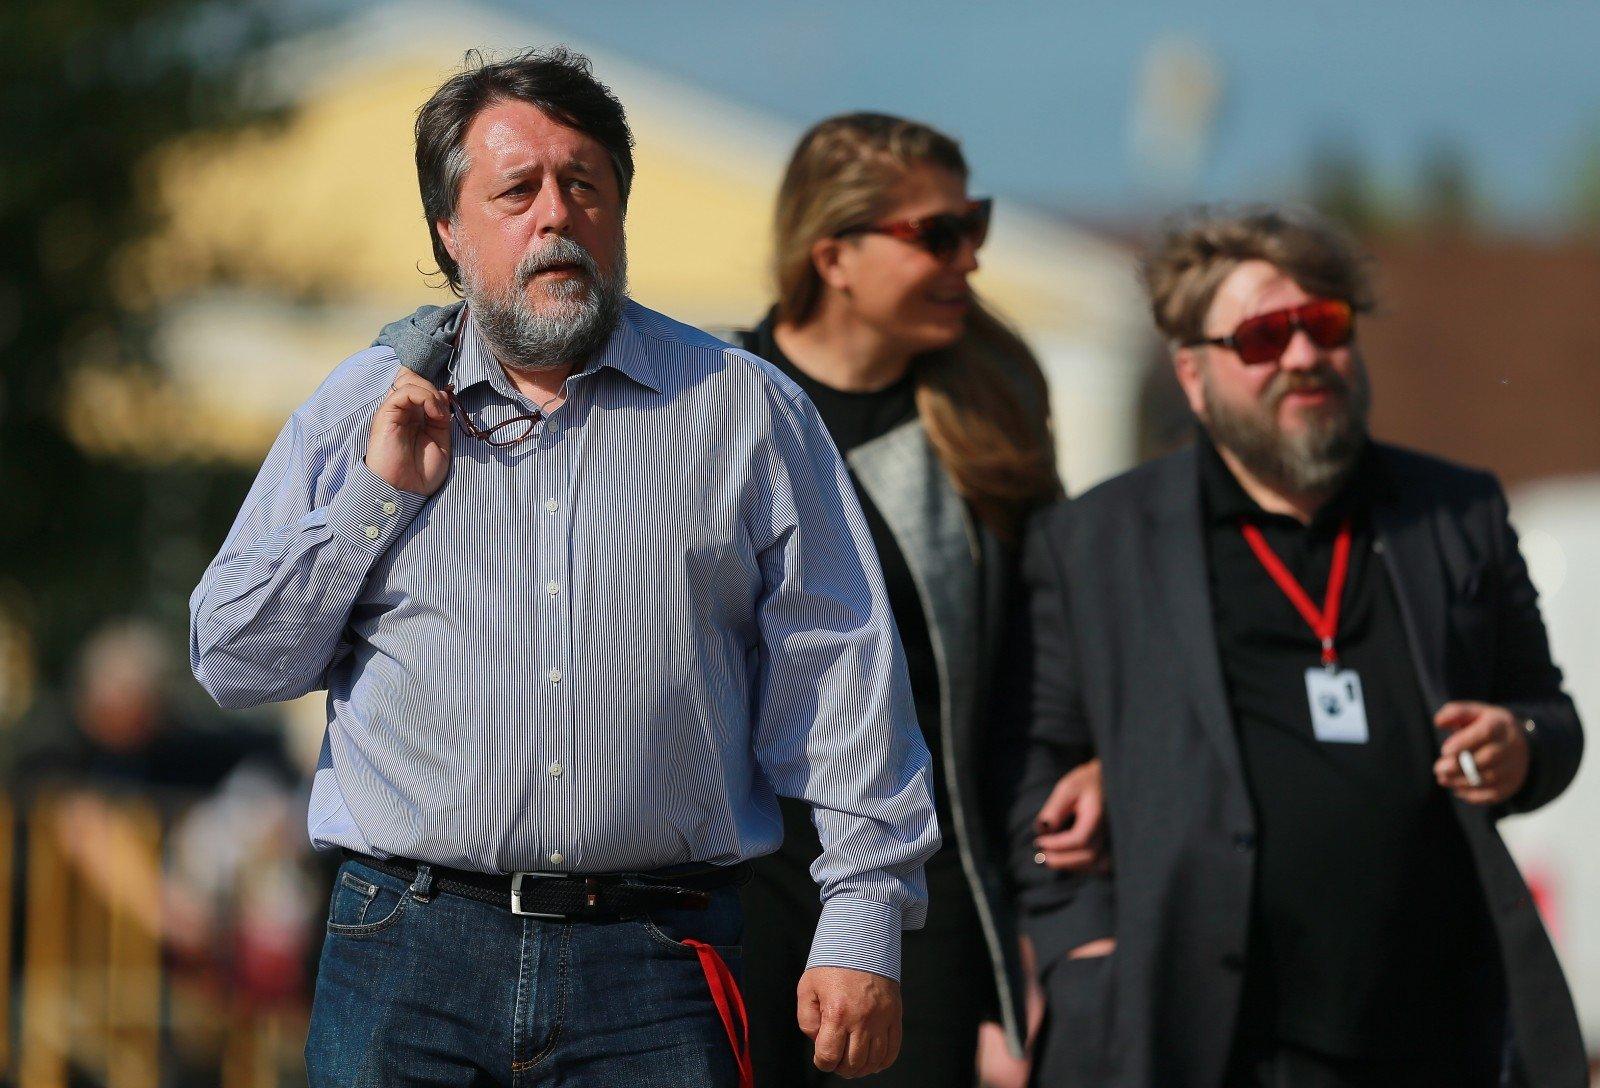 Кинорежиссер Манский получил Гран-при вКарловых Варах за«Свидетелей Путина» #kultura1kb